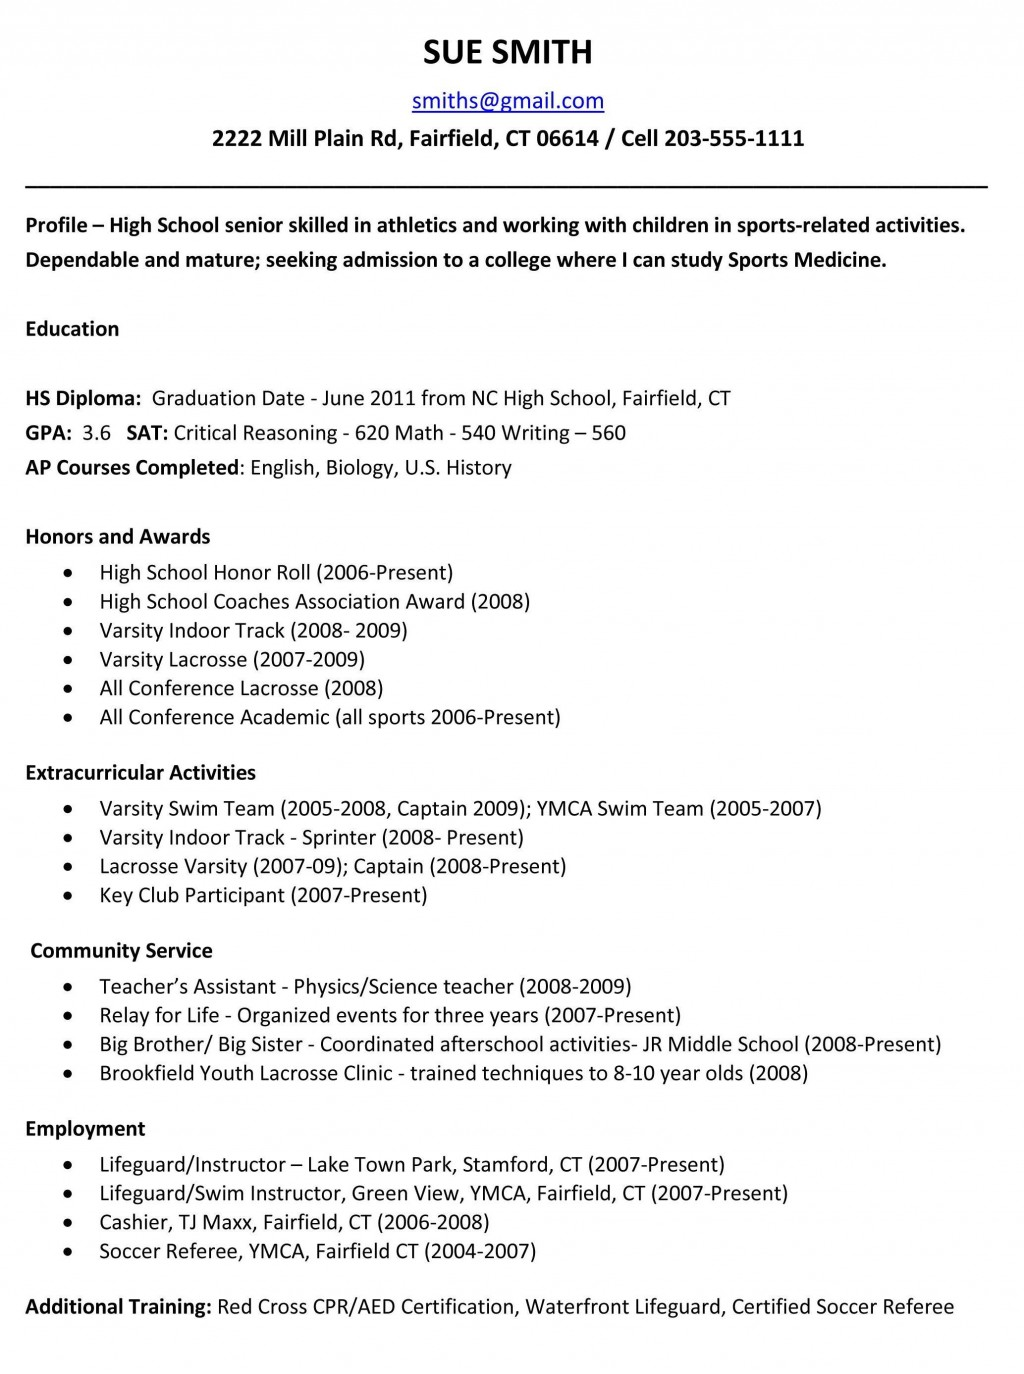 005 Stupendou Free High School Graduate Resume Template Highest Clarity  TemplatesLarge